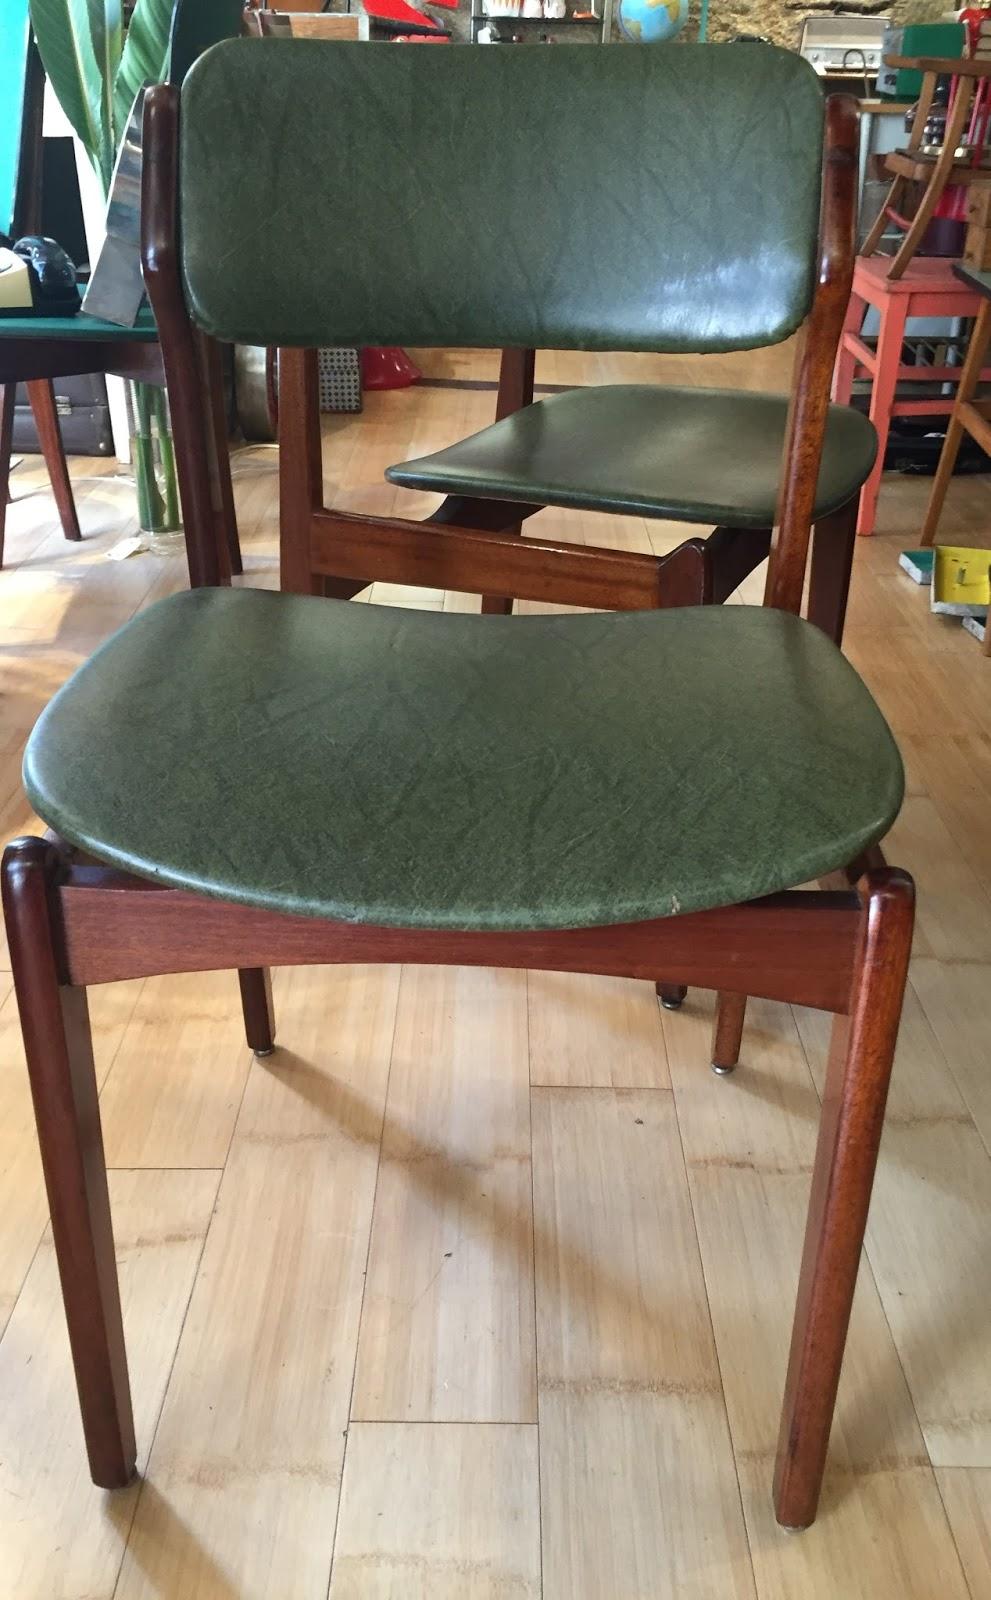 Sillas danesas tapizado polipiel verde a os 60 vintage - Sillas anos 60 ...